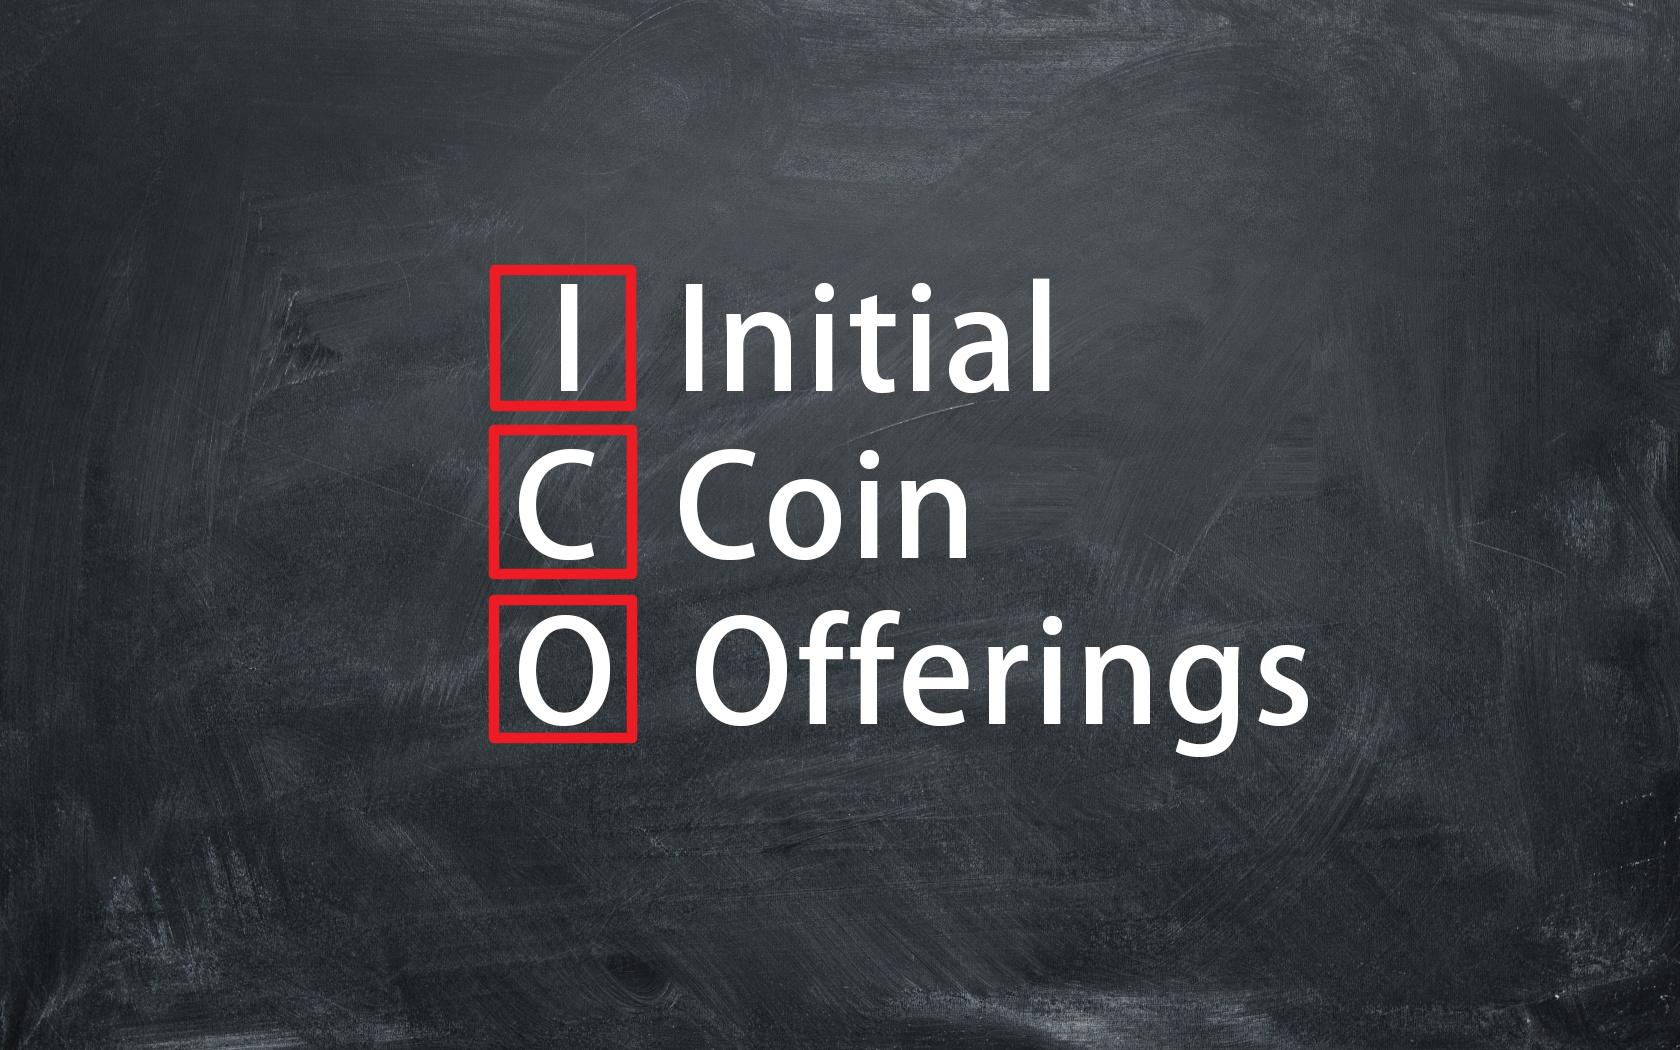 عرضه اولیه سکه ico